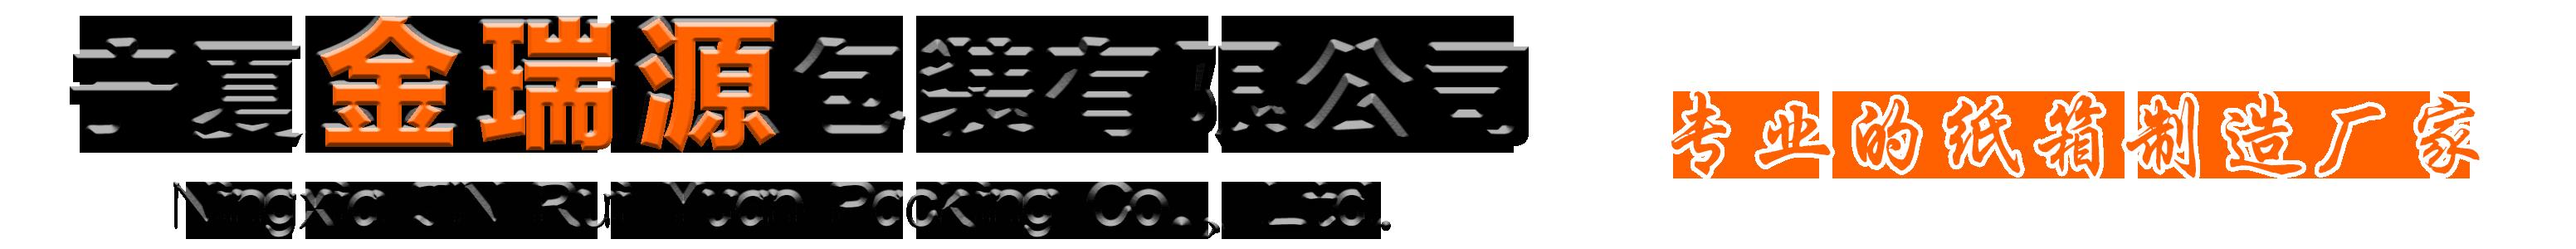 宁夏金瑞源包装有限js金沙官网娱乐